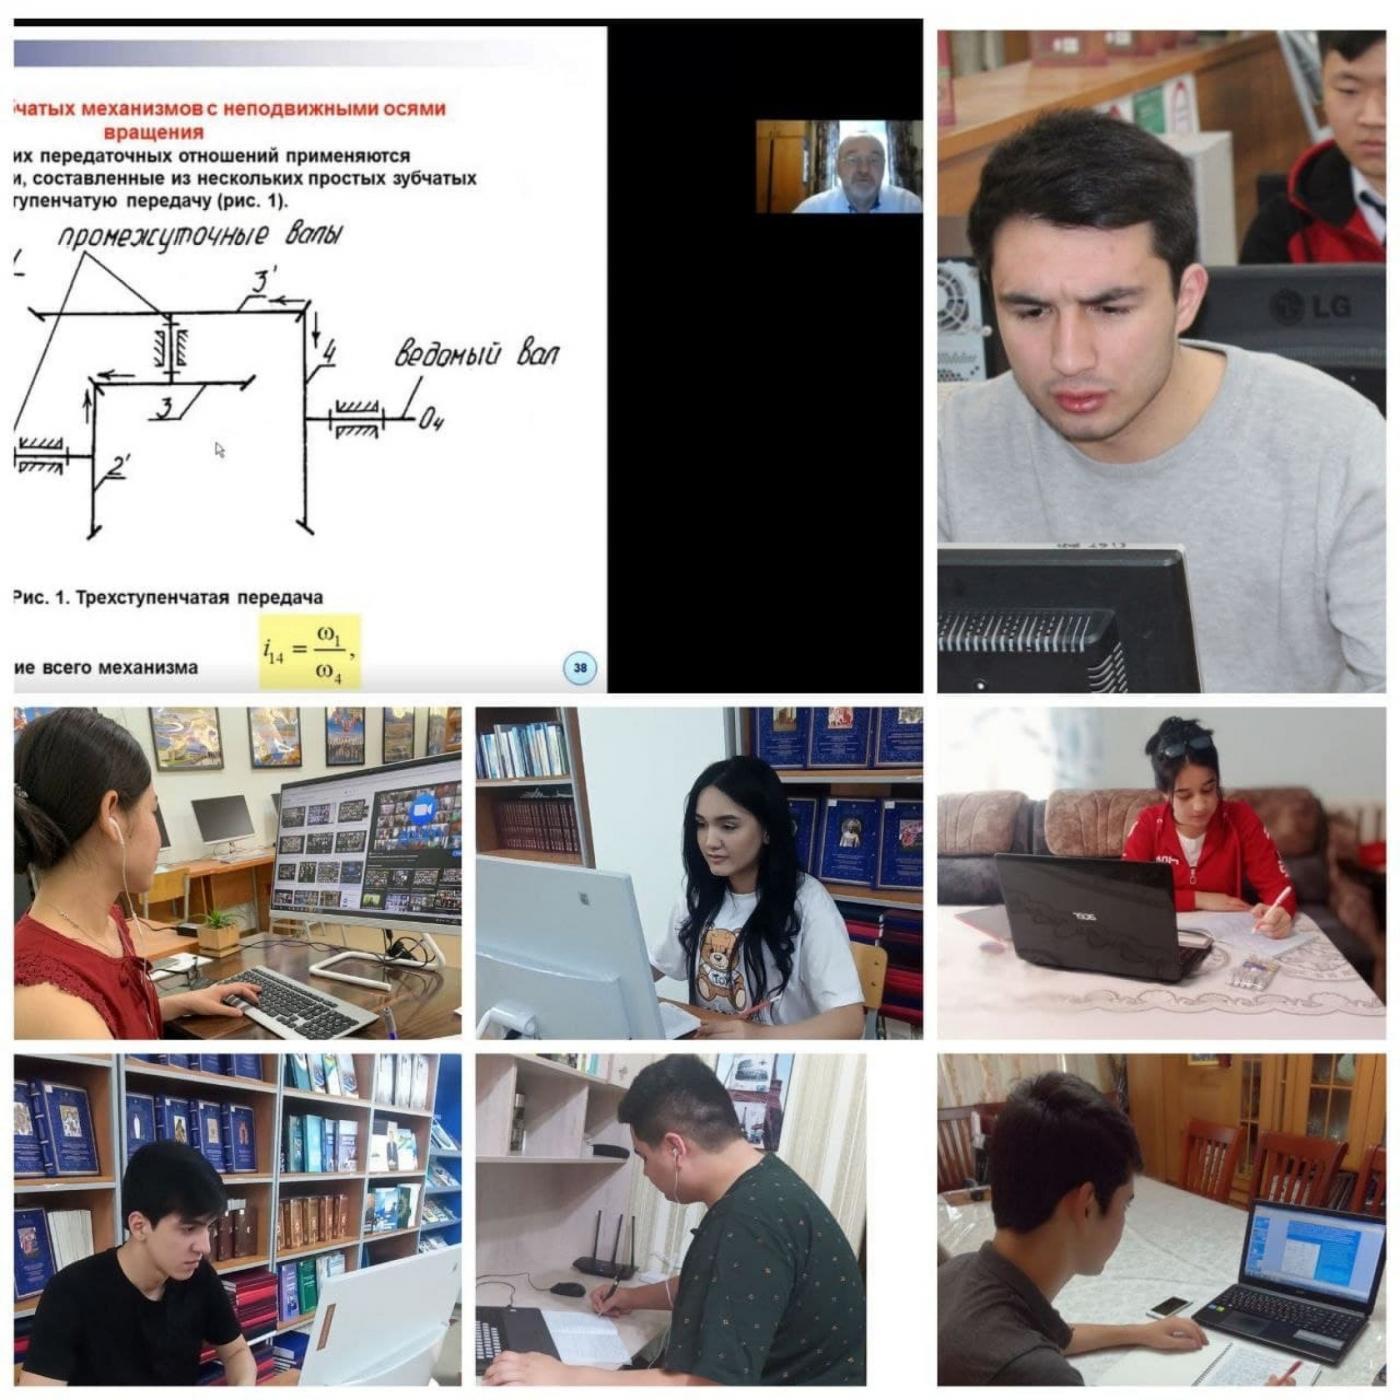 Дистанционные технологии образования в действии